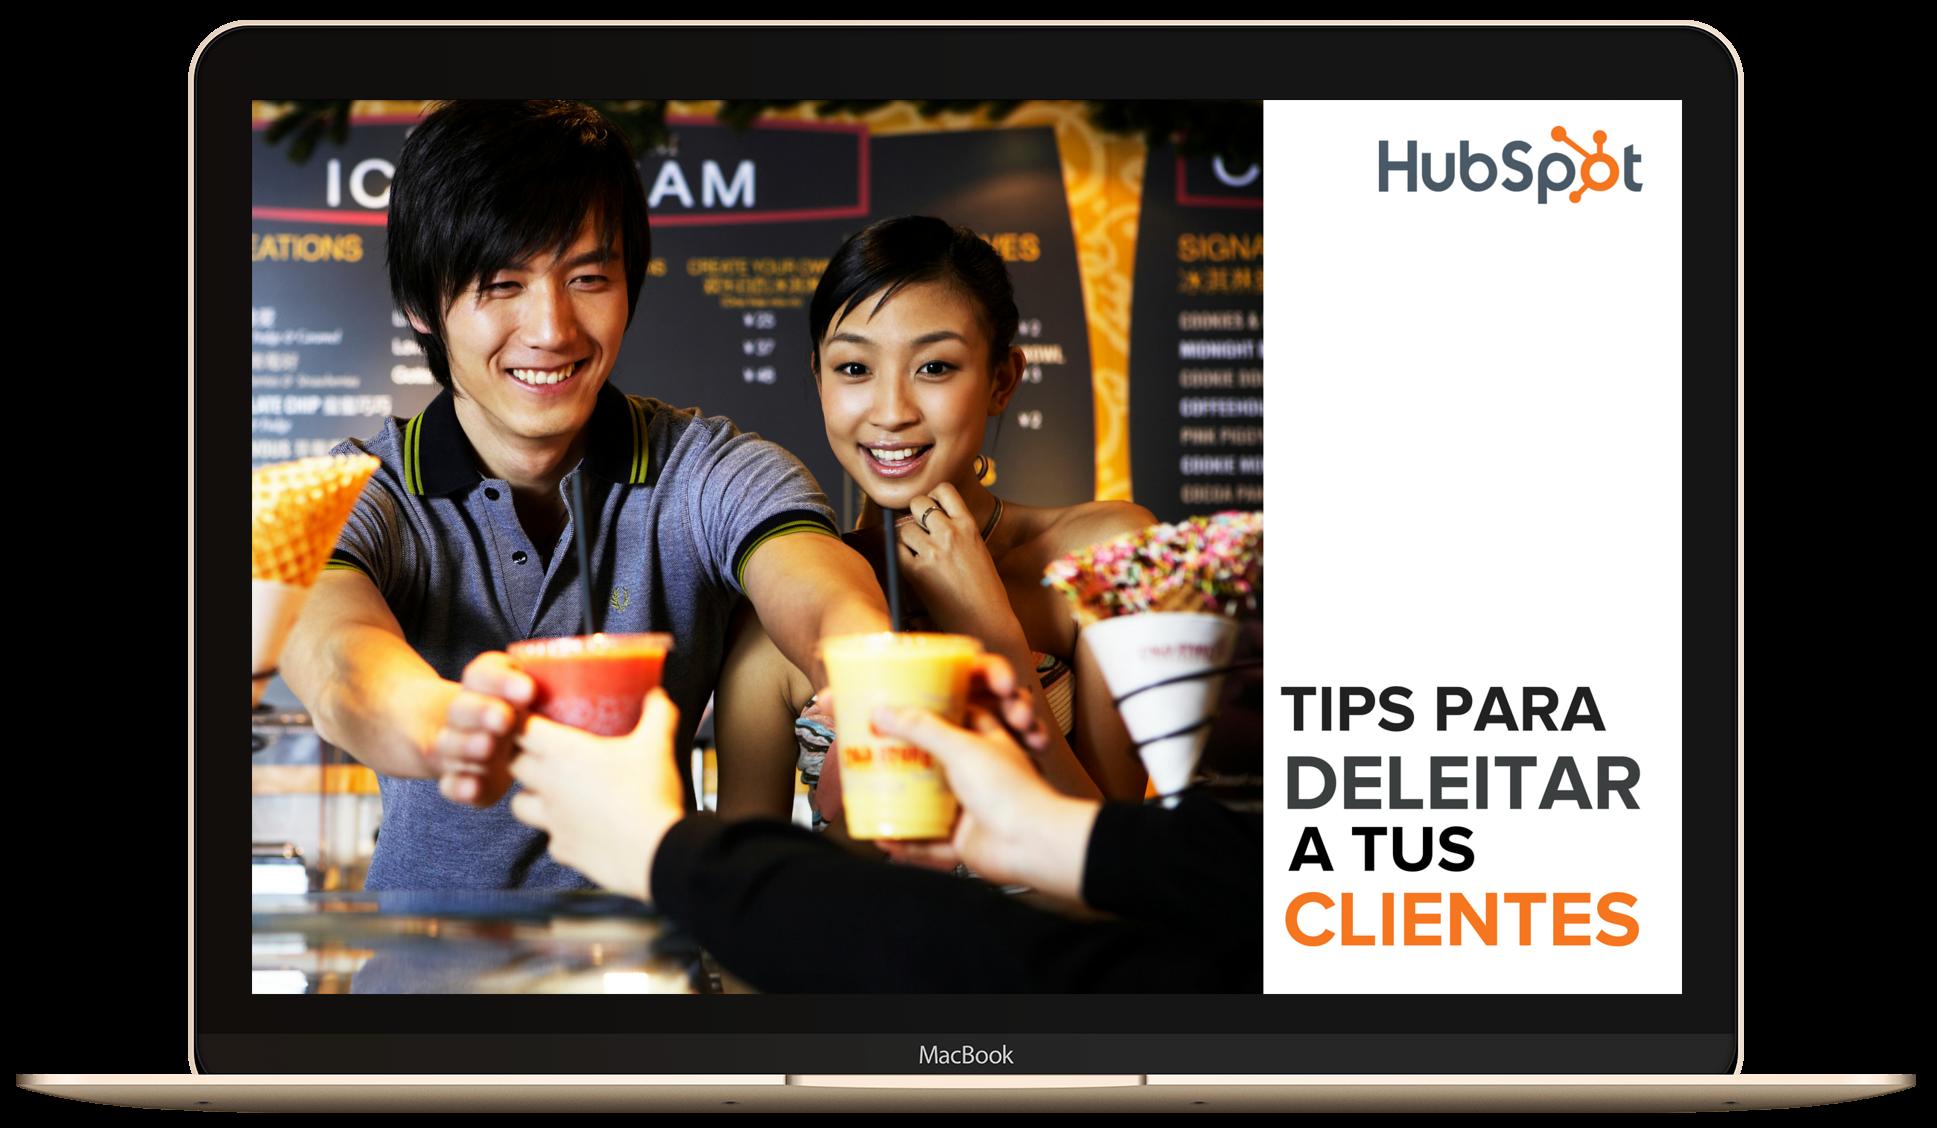 Cómo deleitar a tus clientes e incrementar la lealtad y felicidad